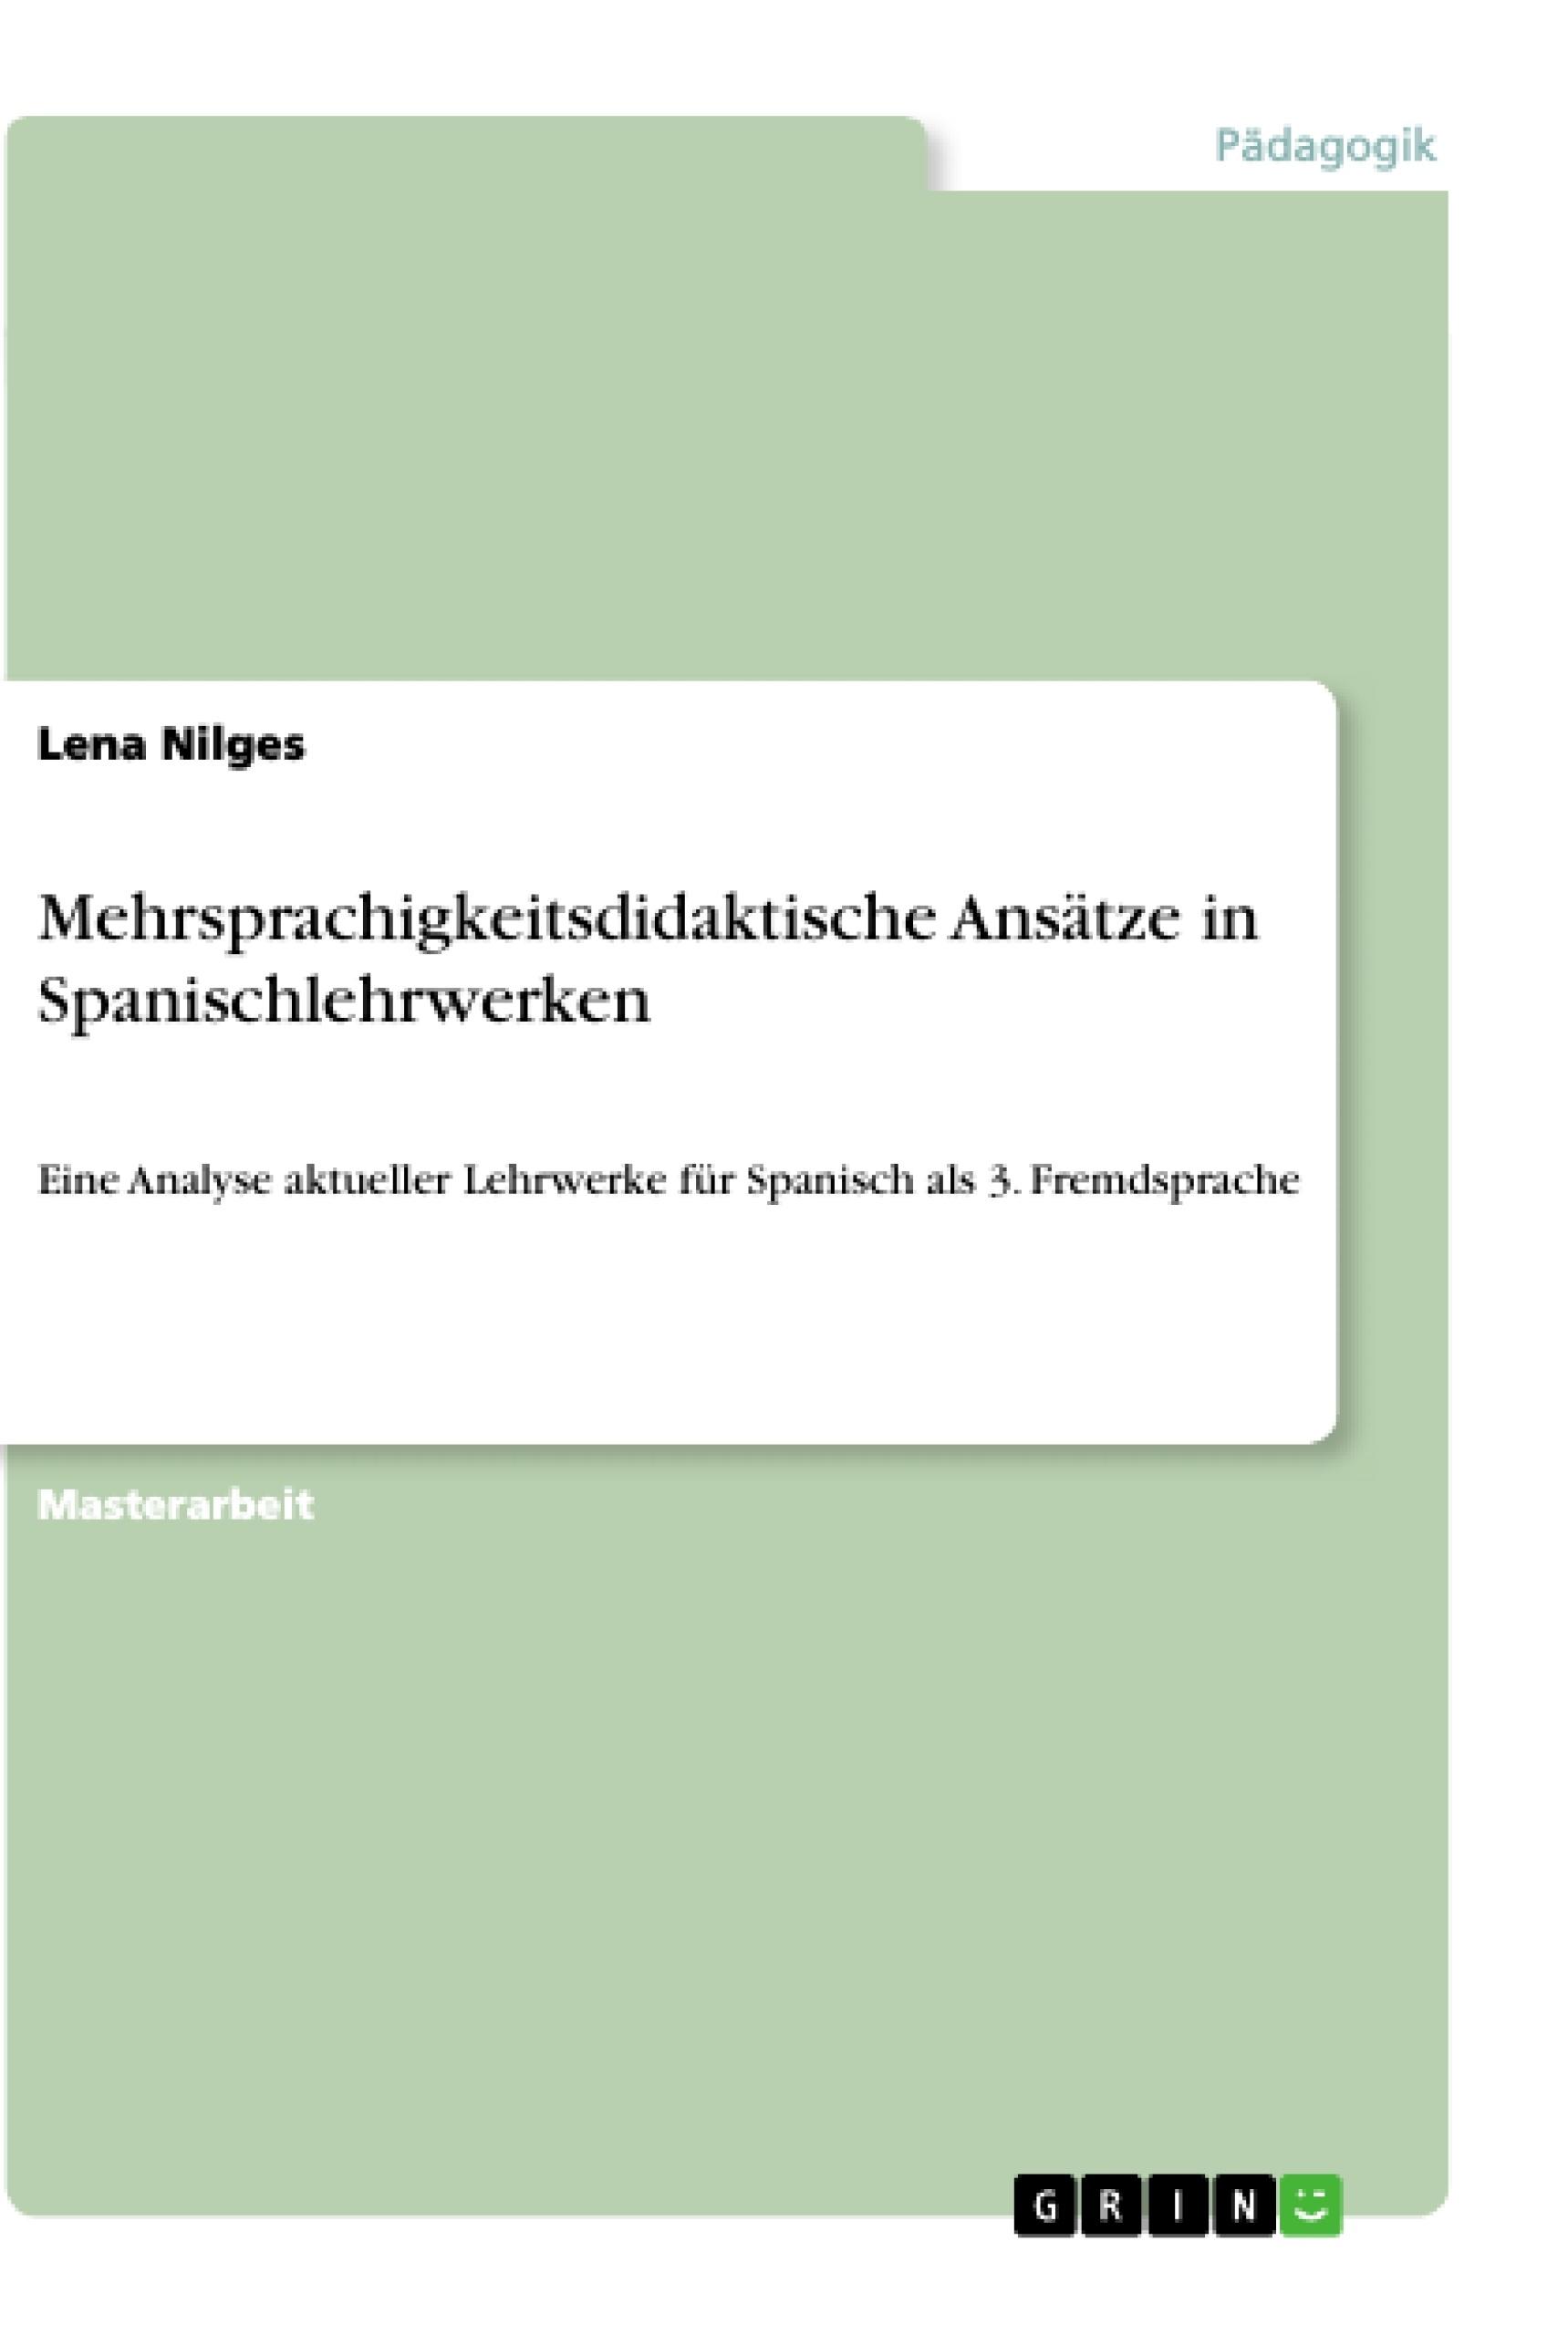 Titel: Mehrsprachigkeitsdidaktische Ansätze in Spanischlehrwerken